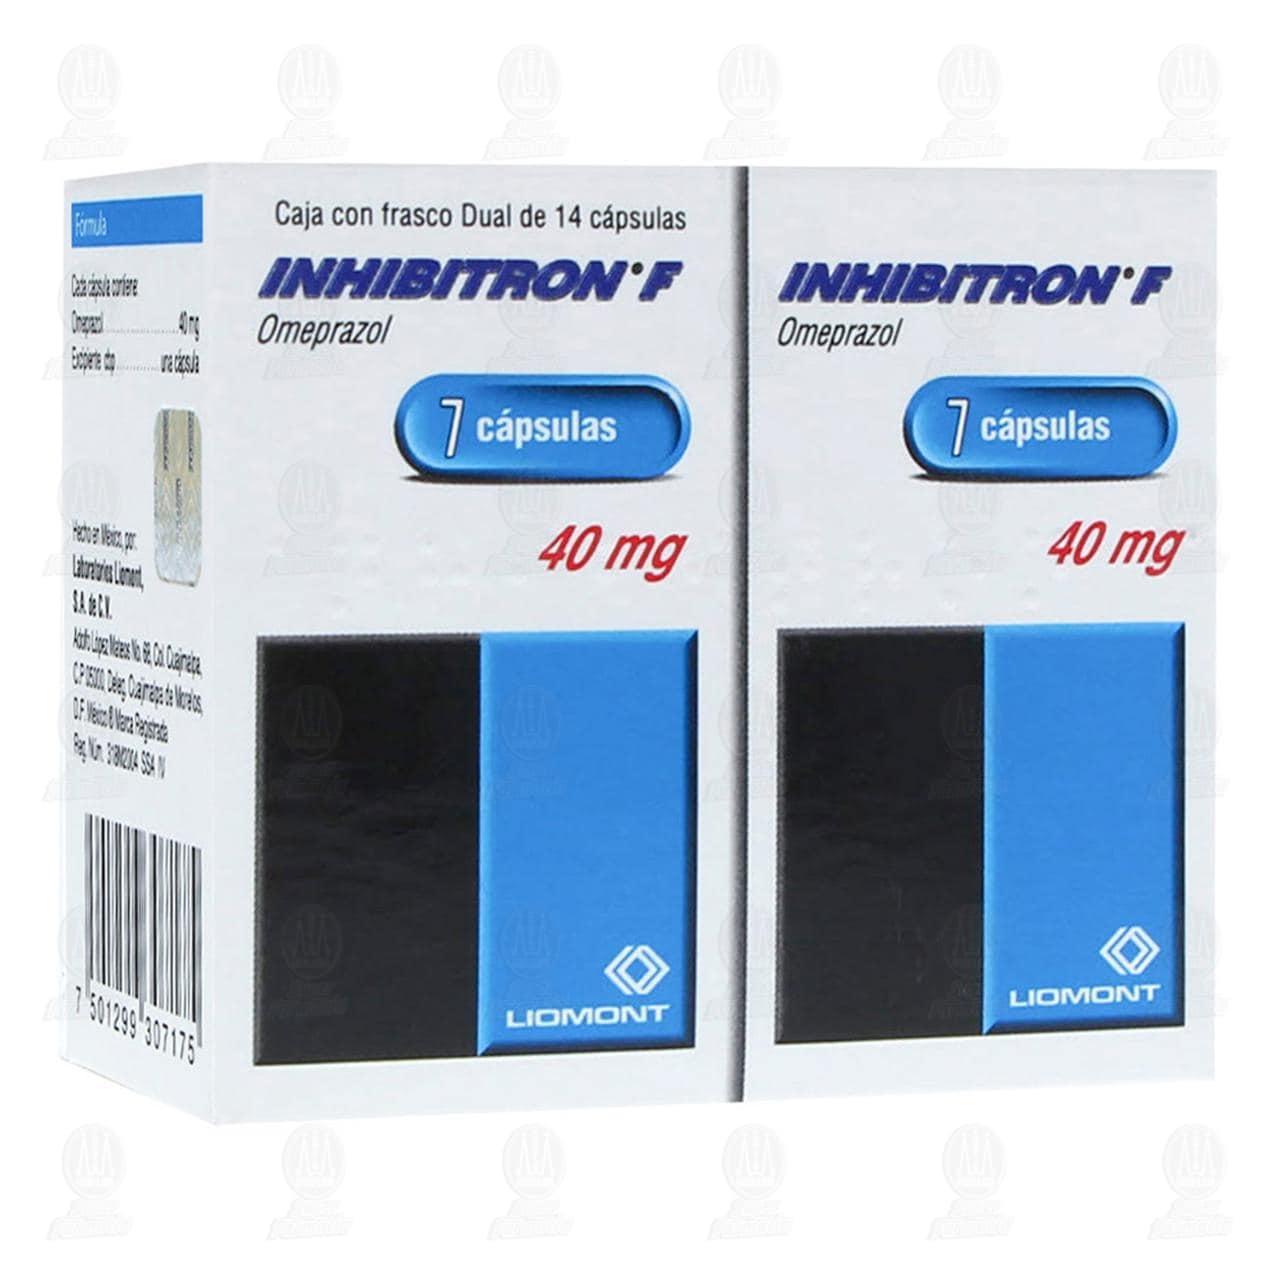 Comprar Inhibitron F 40mg Dual 7 Cápsulas C/U en Farmacias Guadalajara